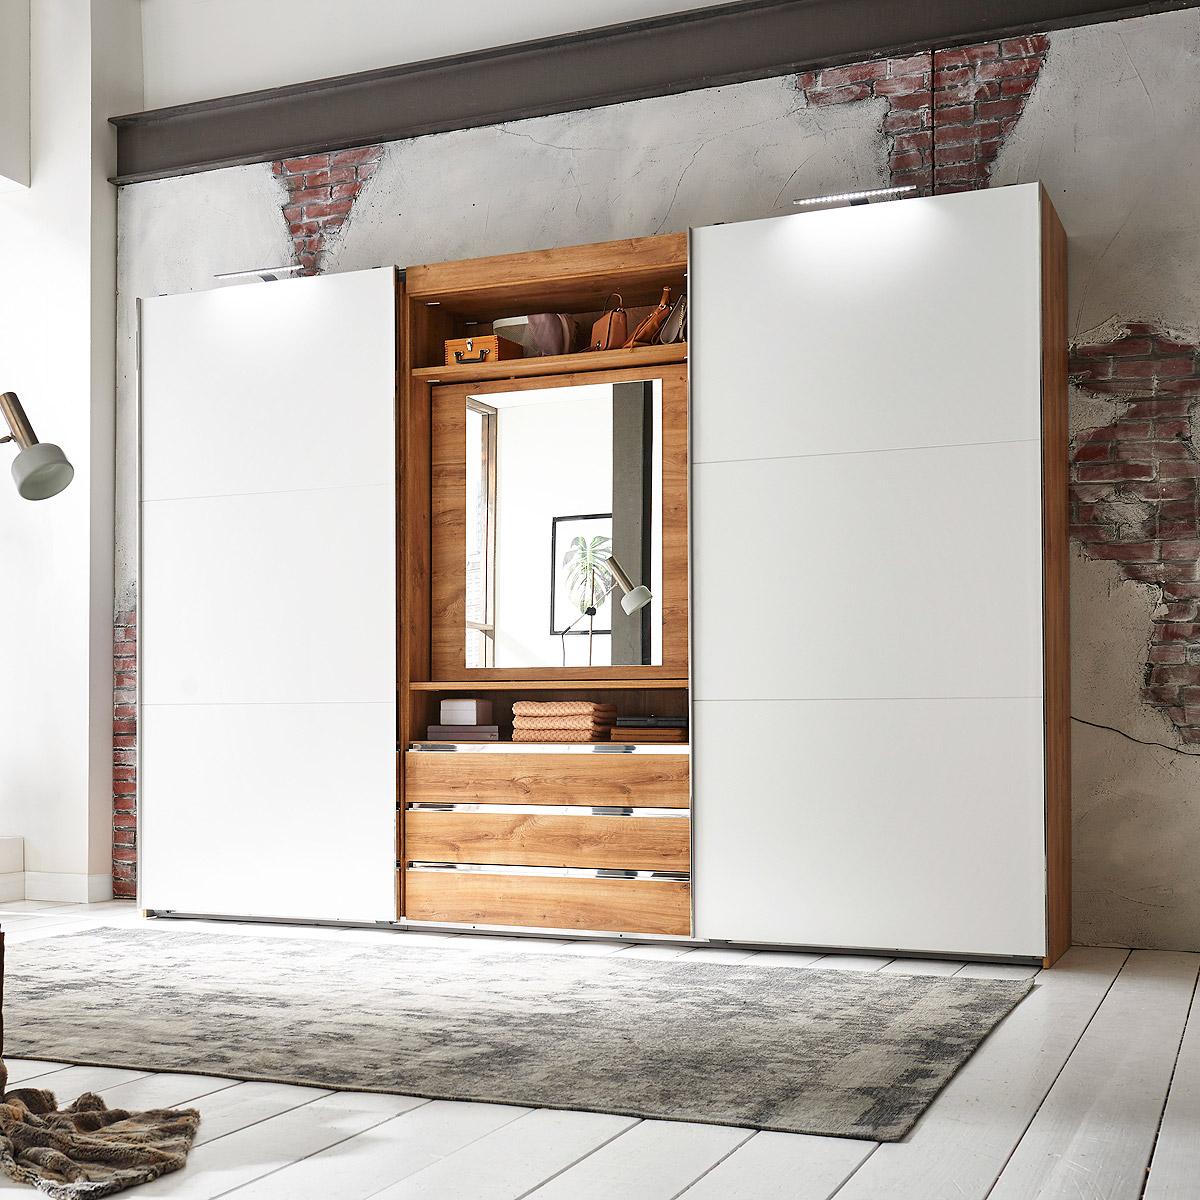 schwebet renschrank magic kleiderschrank plankeneiche schlammeiche wei grau ebay. Black Bedroom Furniture Sets. Home Design Ideas